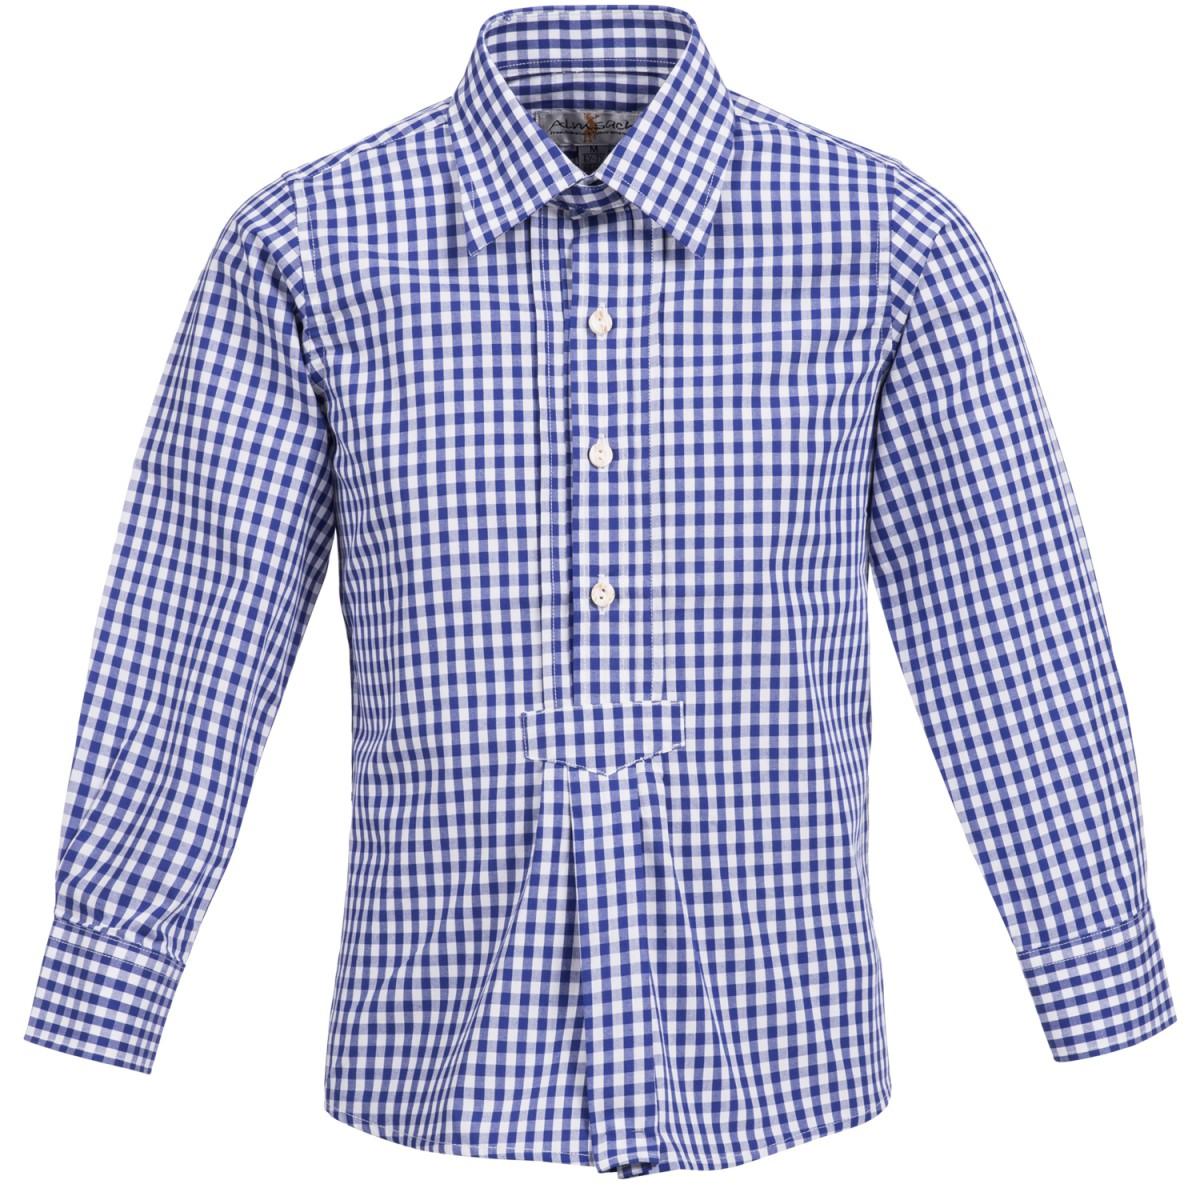 Trachtenhemd für Kinder in Blau von Almsach günstig online kaufen